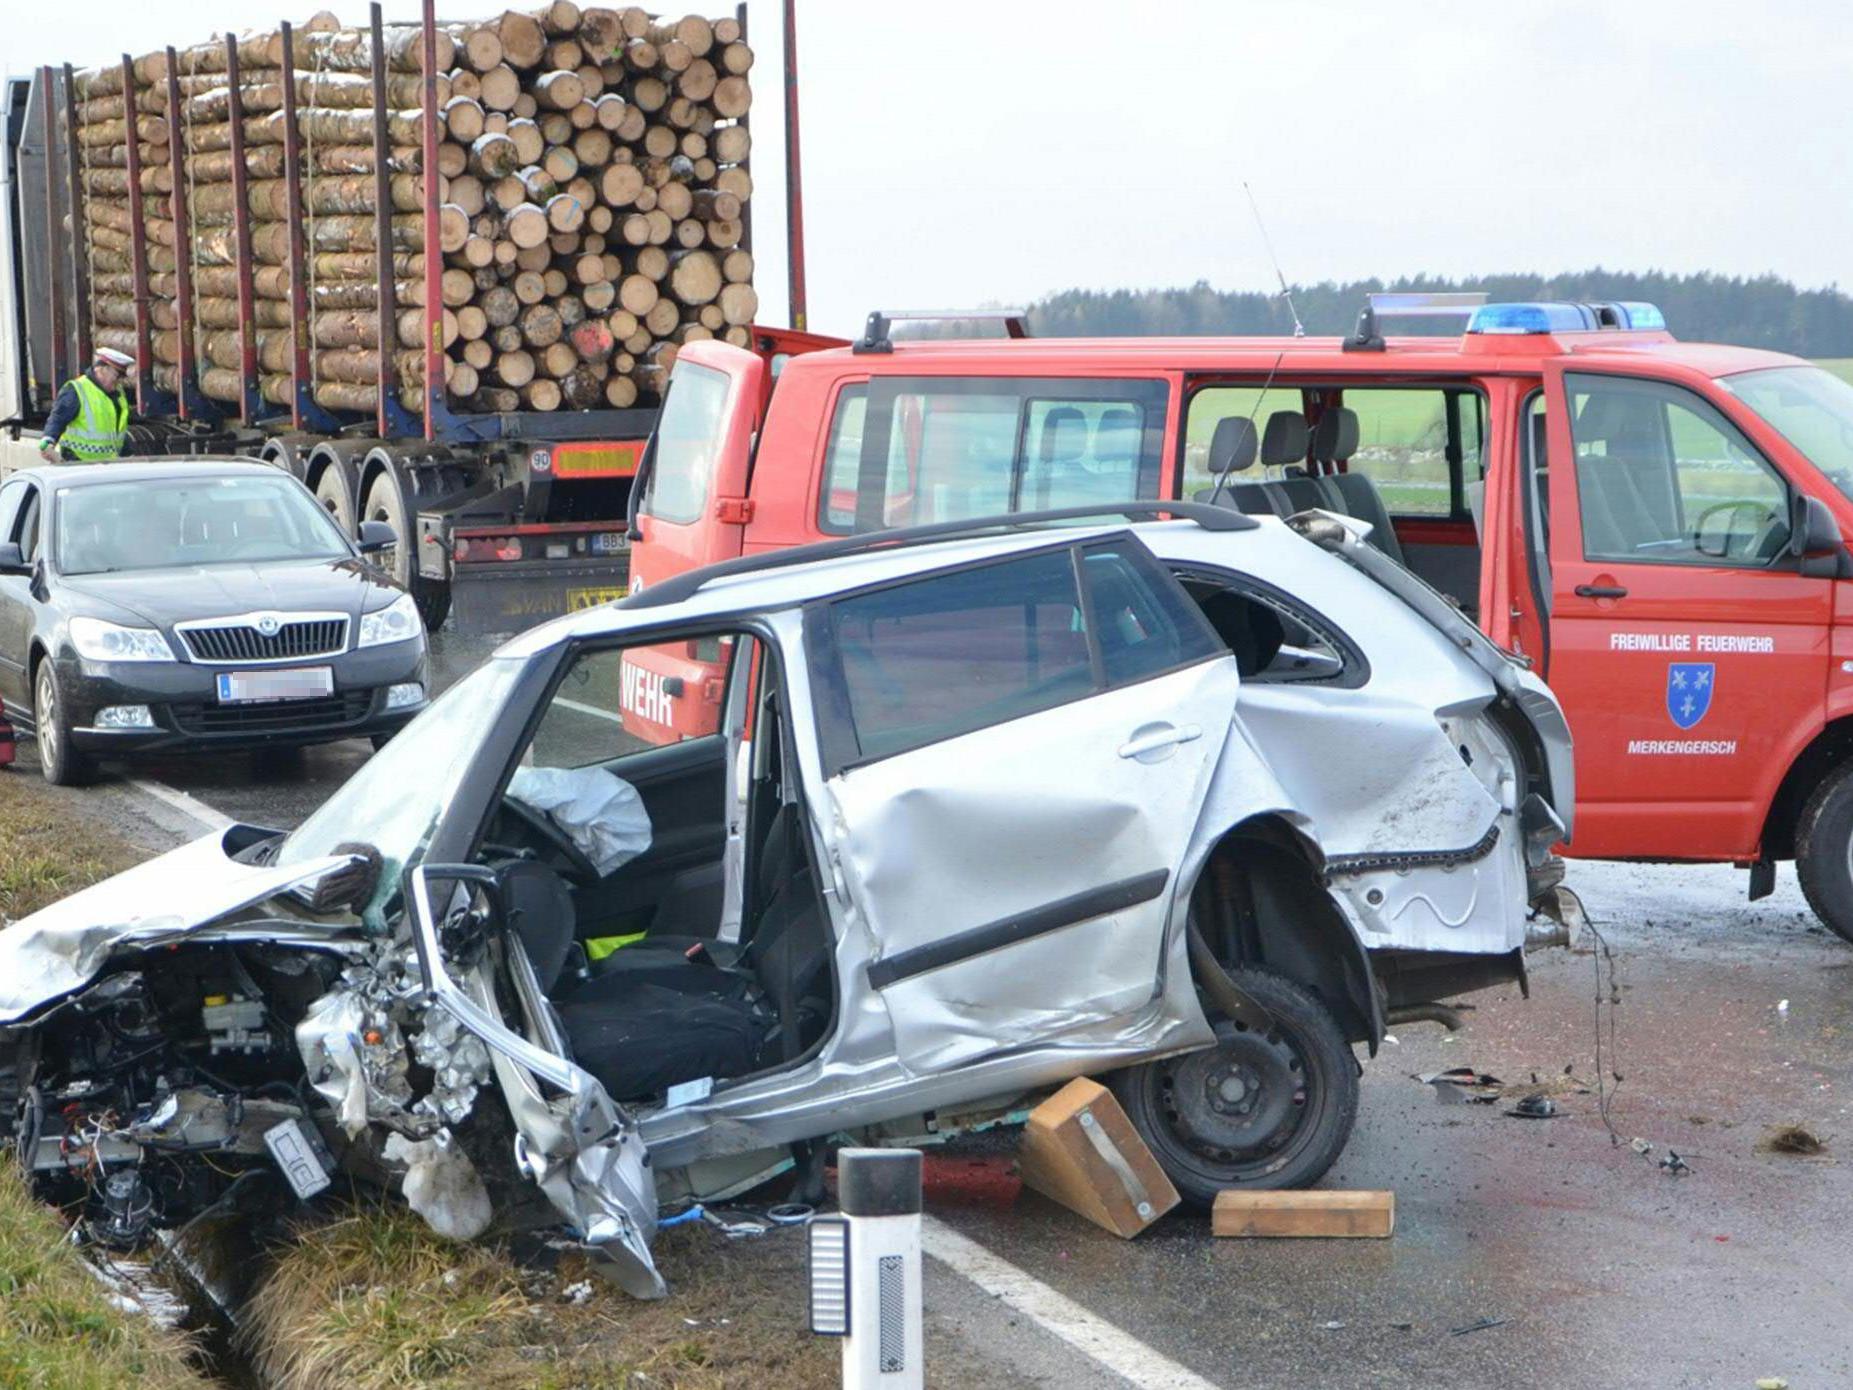 Eines der schwer beschädigten Autos nach dem Unfall im Waldviertel.